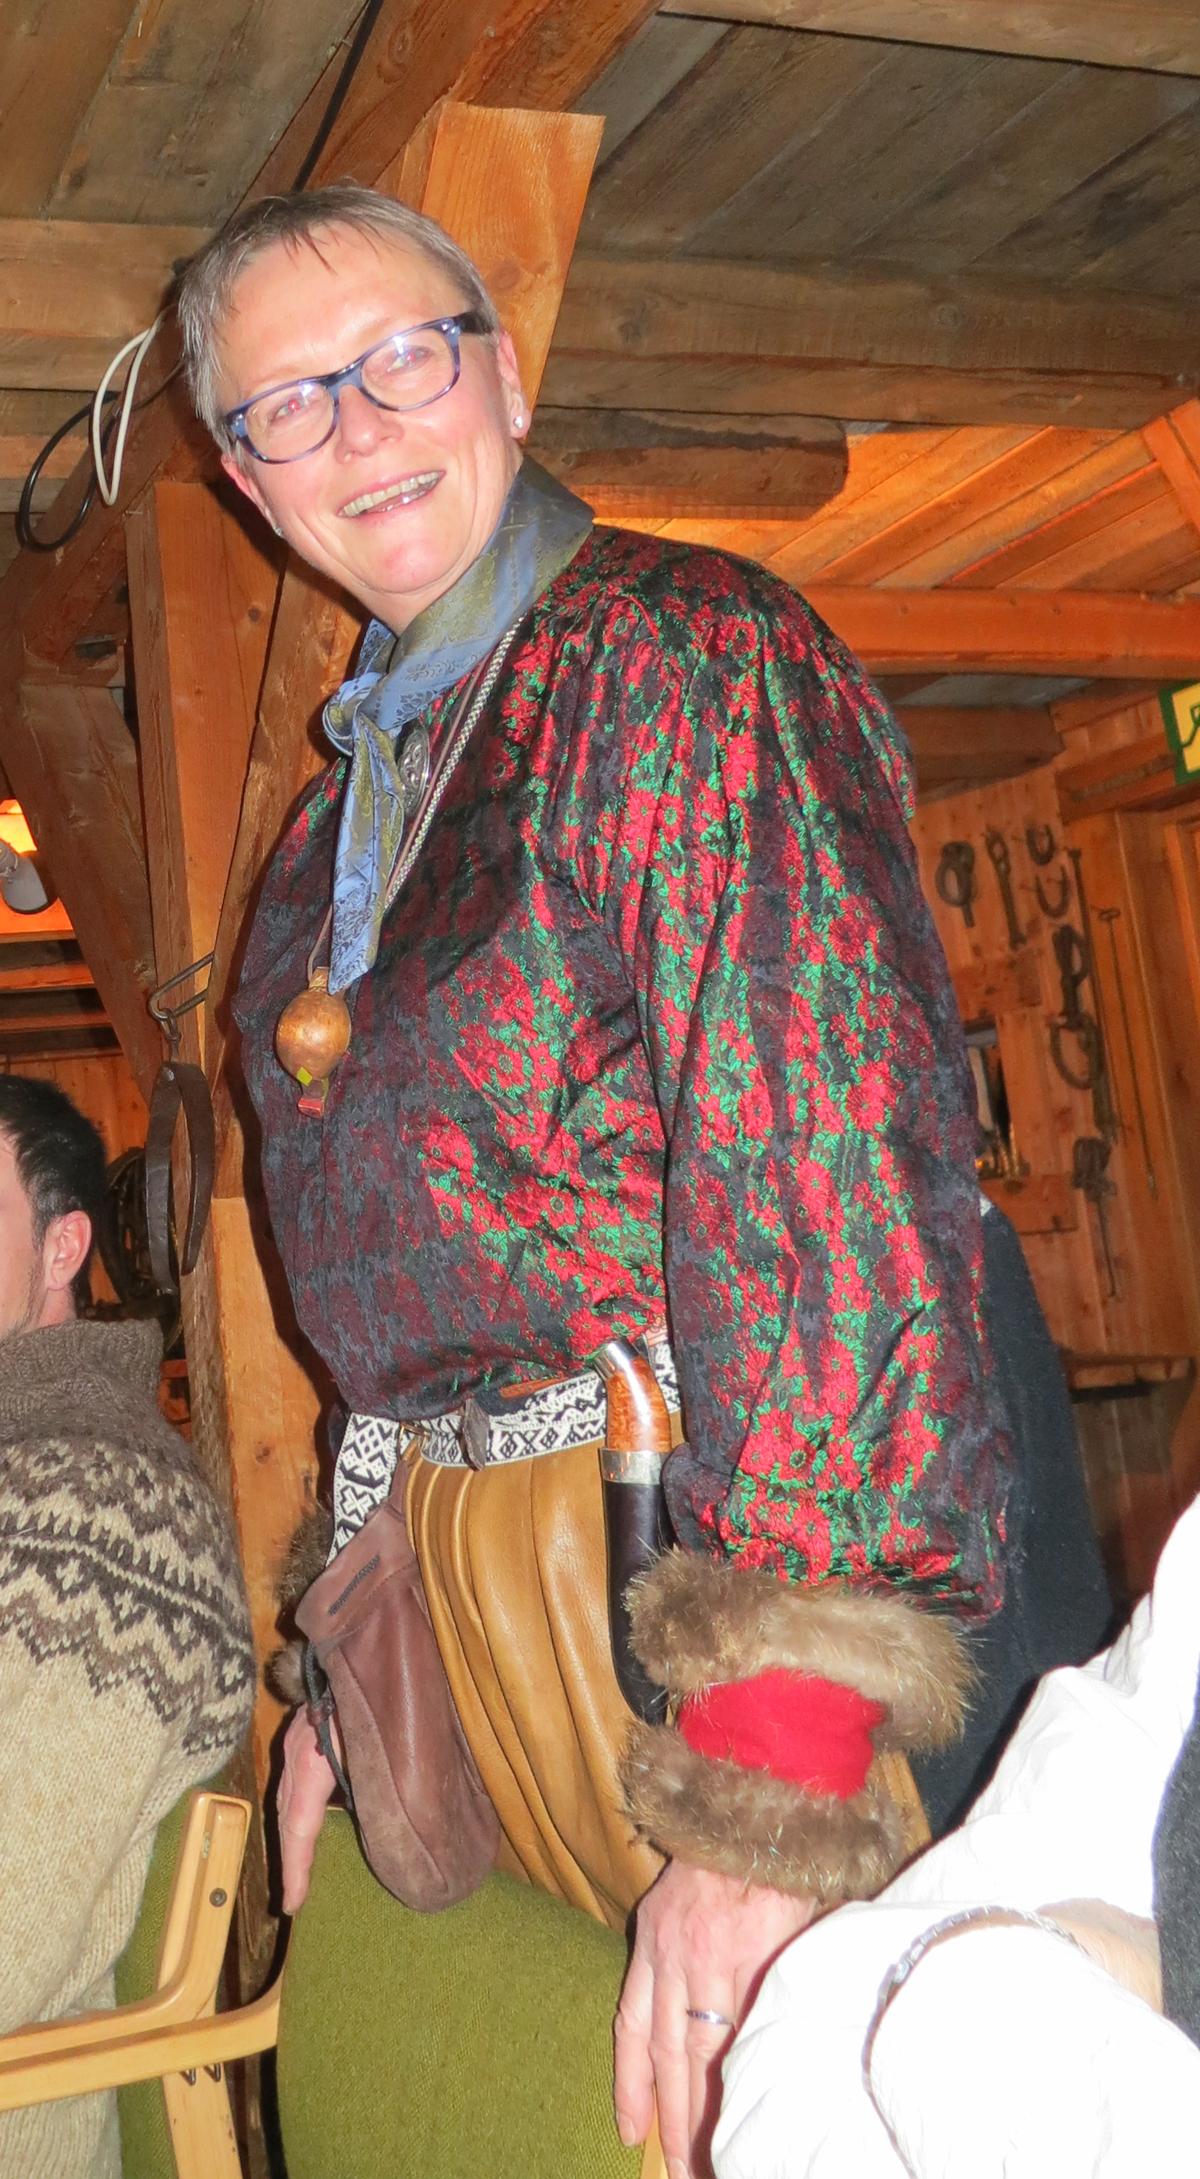 Mari Bryhni er kokka vår på tur, og hun stod for nydelig rakfiskforrett og multekrem med strull attpå under 10-årsjubileumsfeiringa. Mari er også den eneste i foreninga som har vært med fra start til slutt på alle turene foreninga har hatt, og er dermed den med flest døgn på sleden. Foto: Karine Bogsti